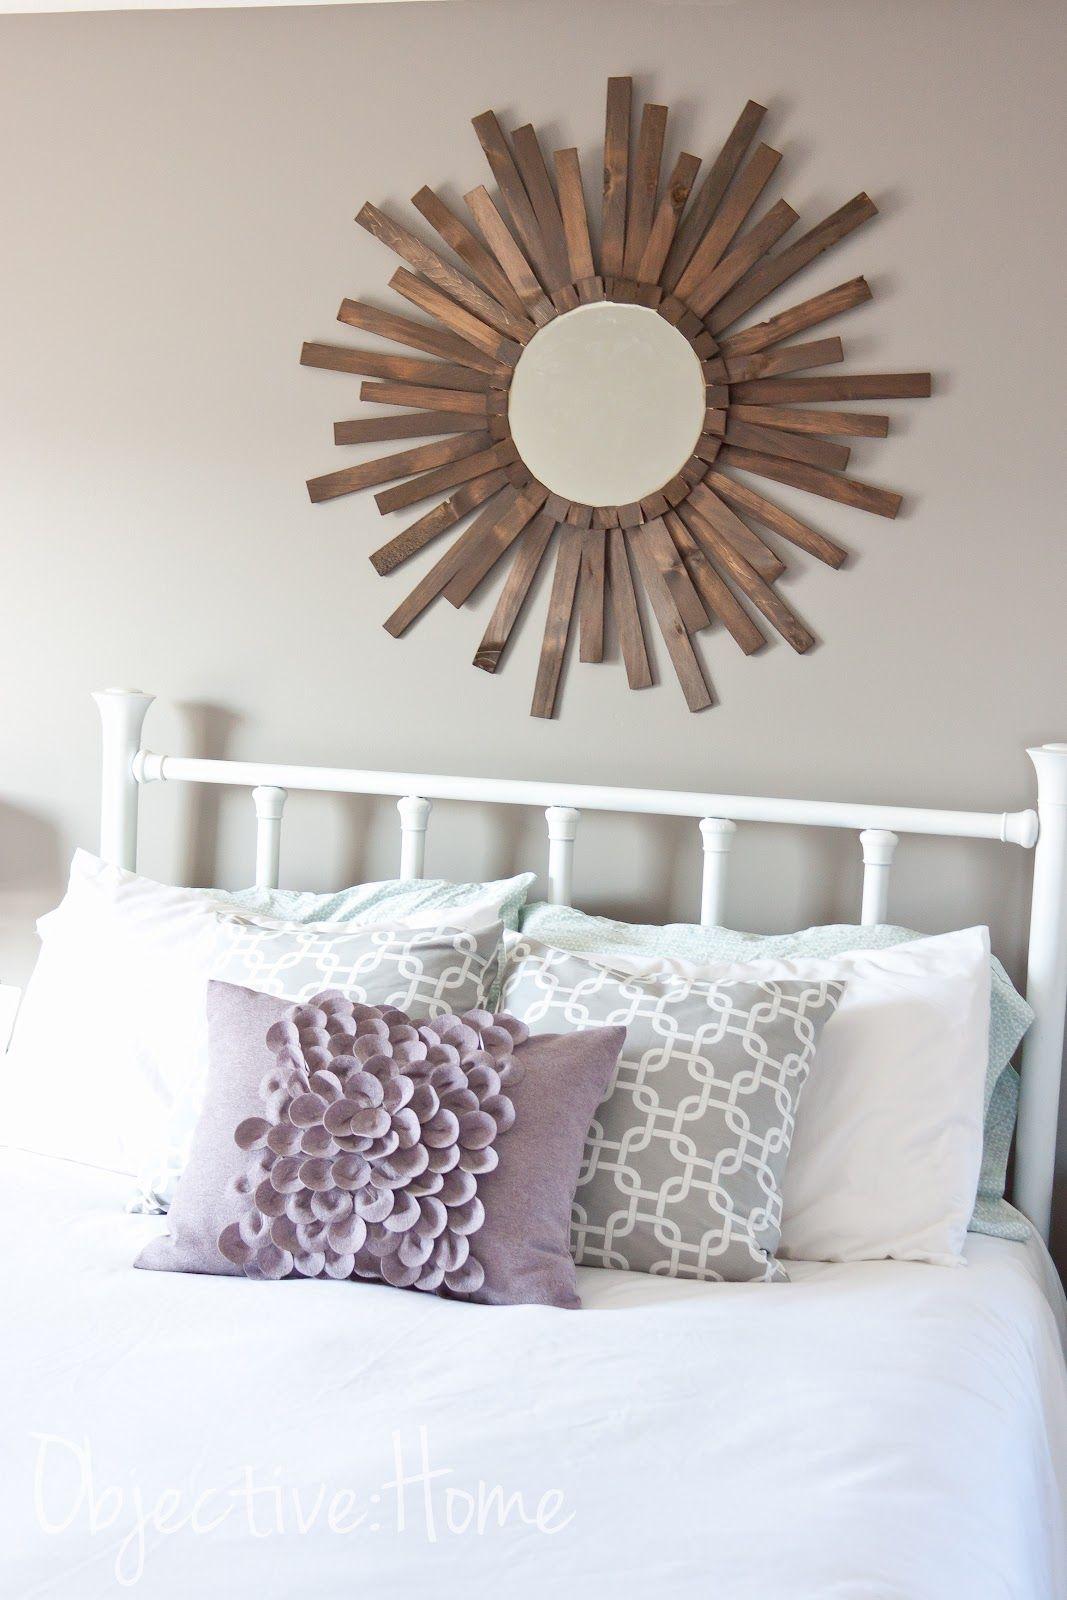 Master bedroom wall decor diy  DIY Cedar Sunburst Mirror For Under   Home Decor Ideas